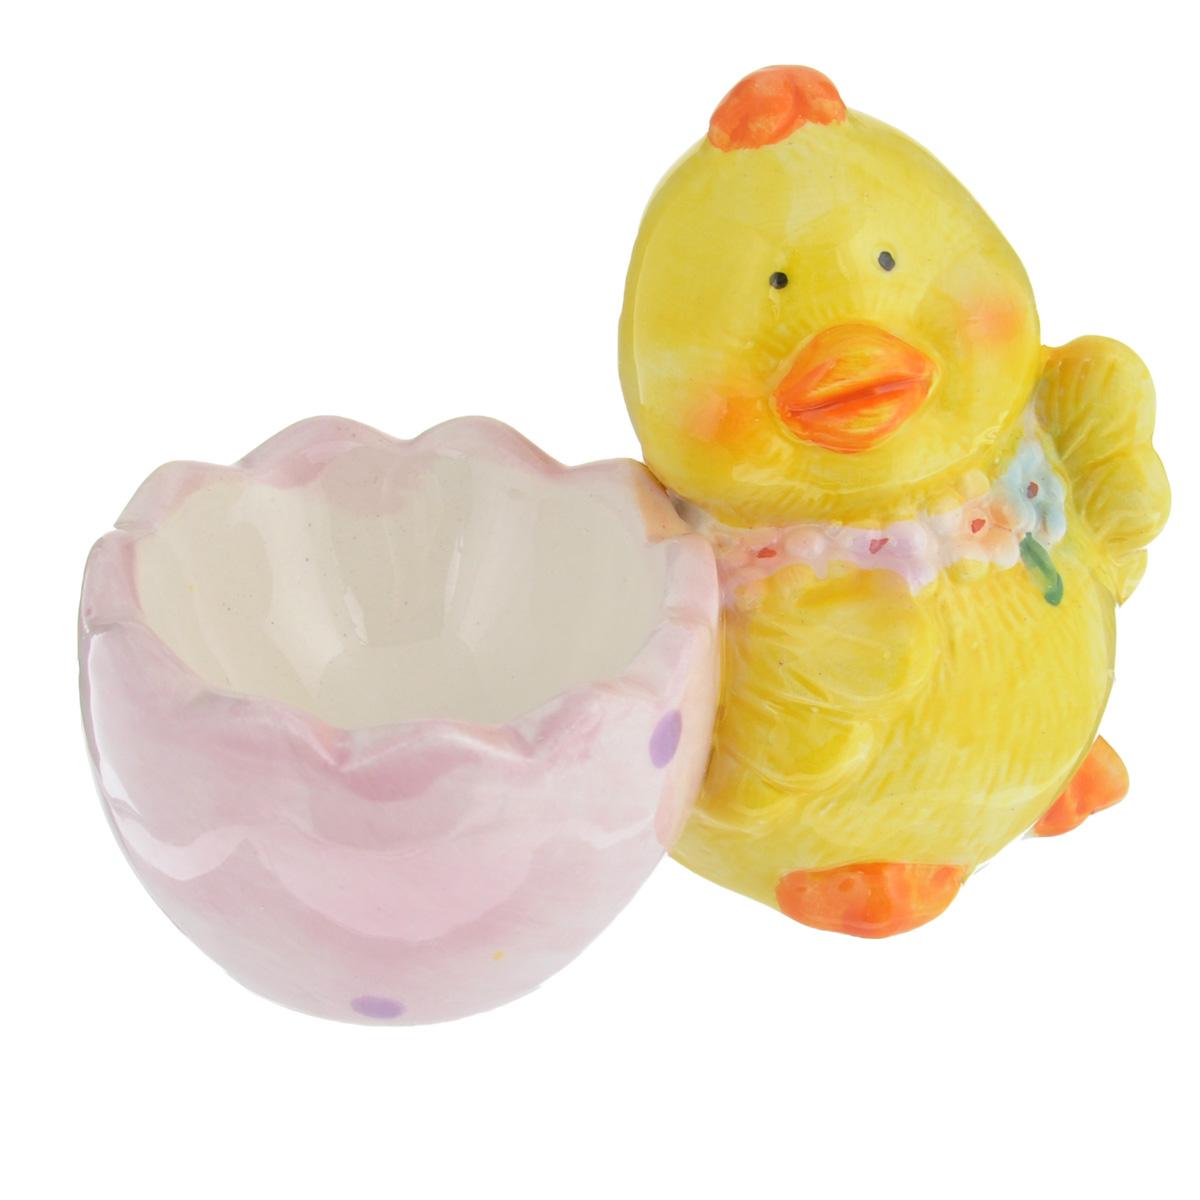 Подставка под яйцо Home Queen Цыпленок с цветочками, цвет: желтый, розовый, слева64256_1Подставка под 1 яйцо Home Queen Цыпленок с цветочками выполнена из высококачественной керамики, покрытой слоем глазури. Изделие представляет собой фигурку забавного цыпленка с подставкой для одного яйца. Идеальный вариант для пасхального декора интерьера. Такая подставка красиво оформит праздничный стол и создаст особое настроение. Диаметр выемки для яйца: 5 см.